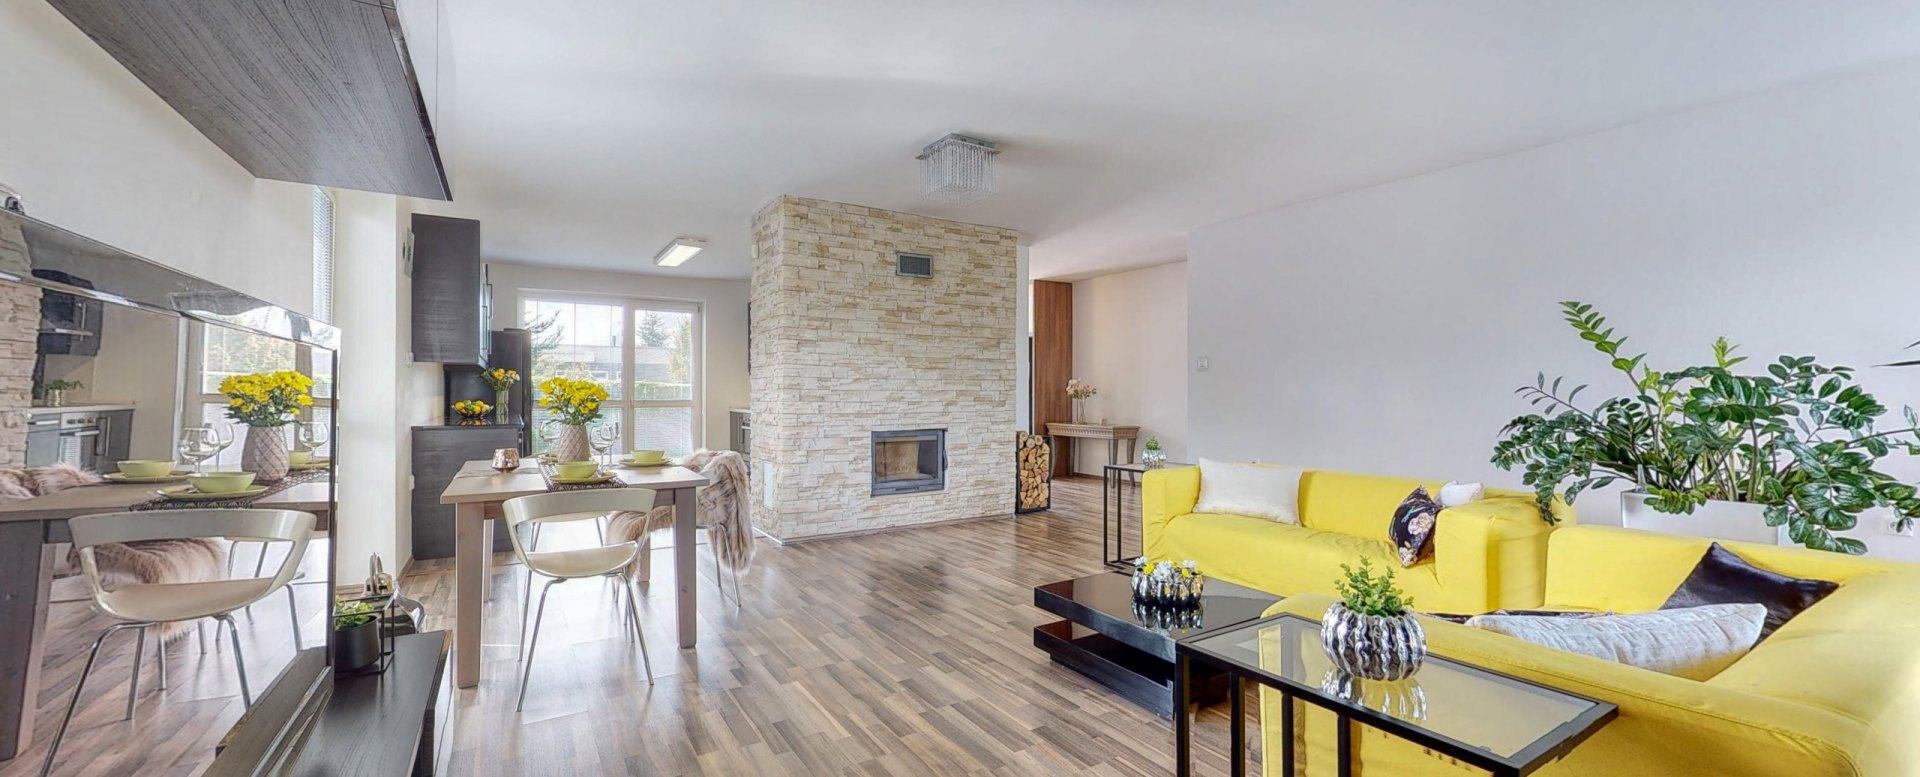 Pohľad v obývacej izbe na krb, jedálensky stôl, krb a sedaciu súpravu